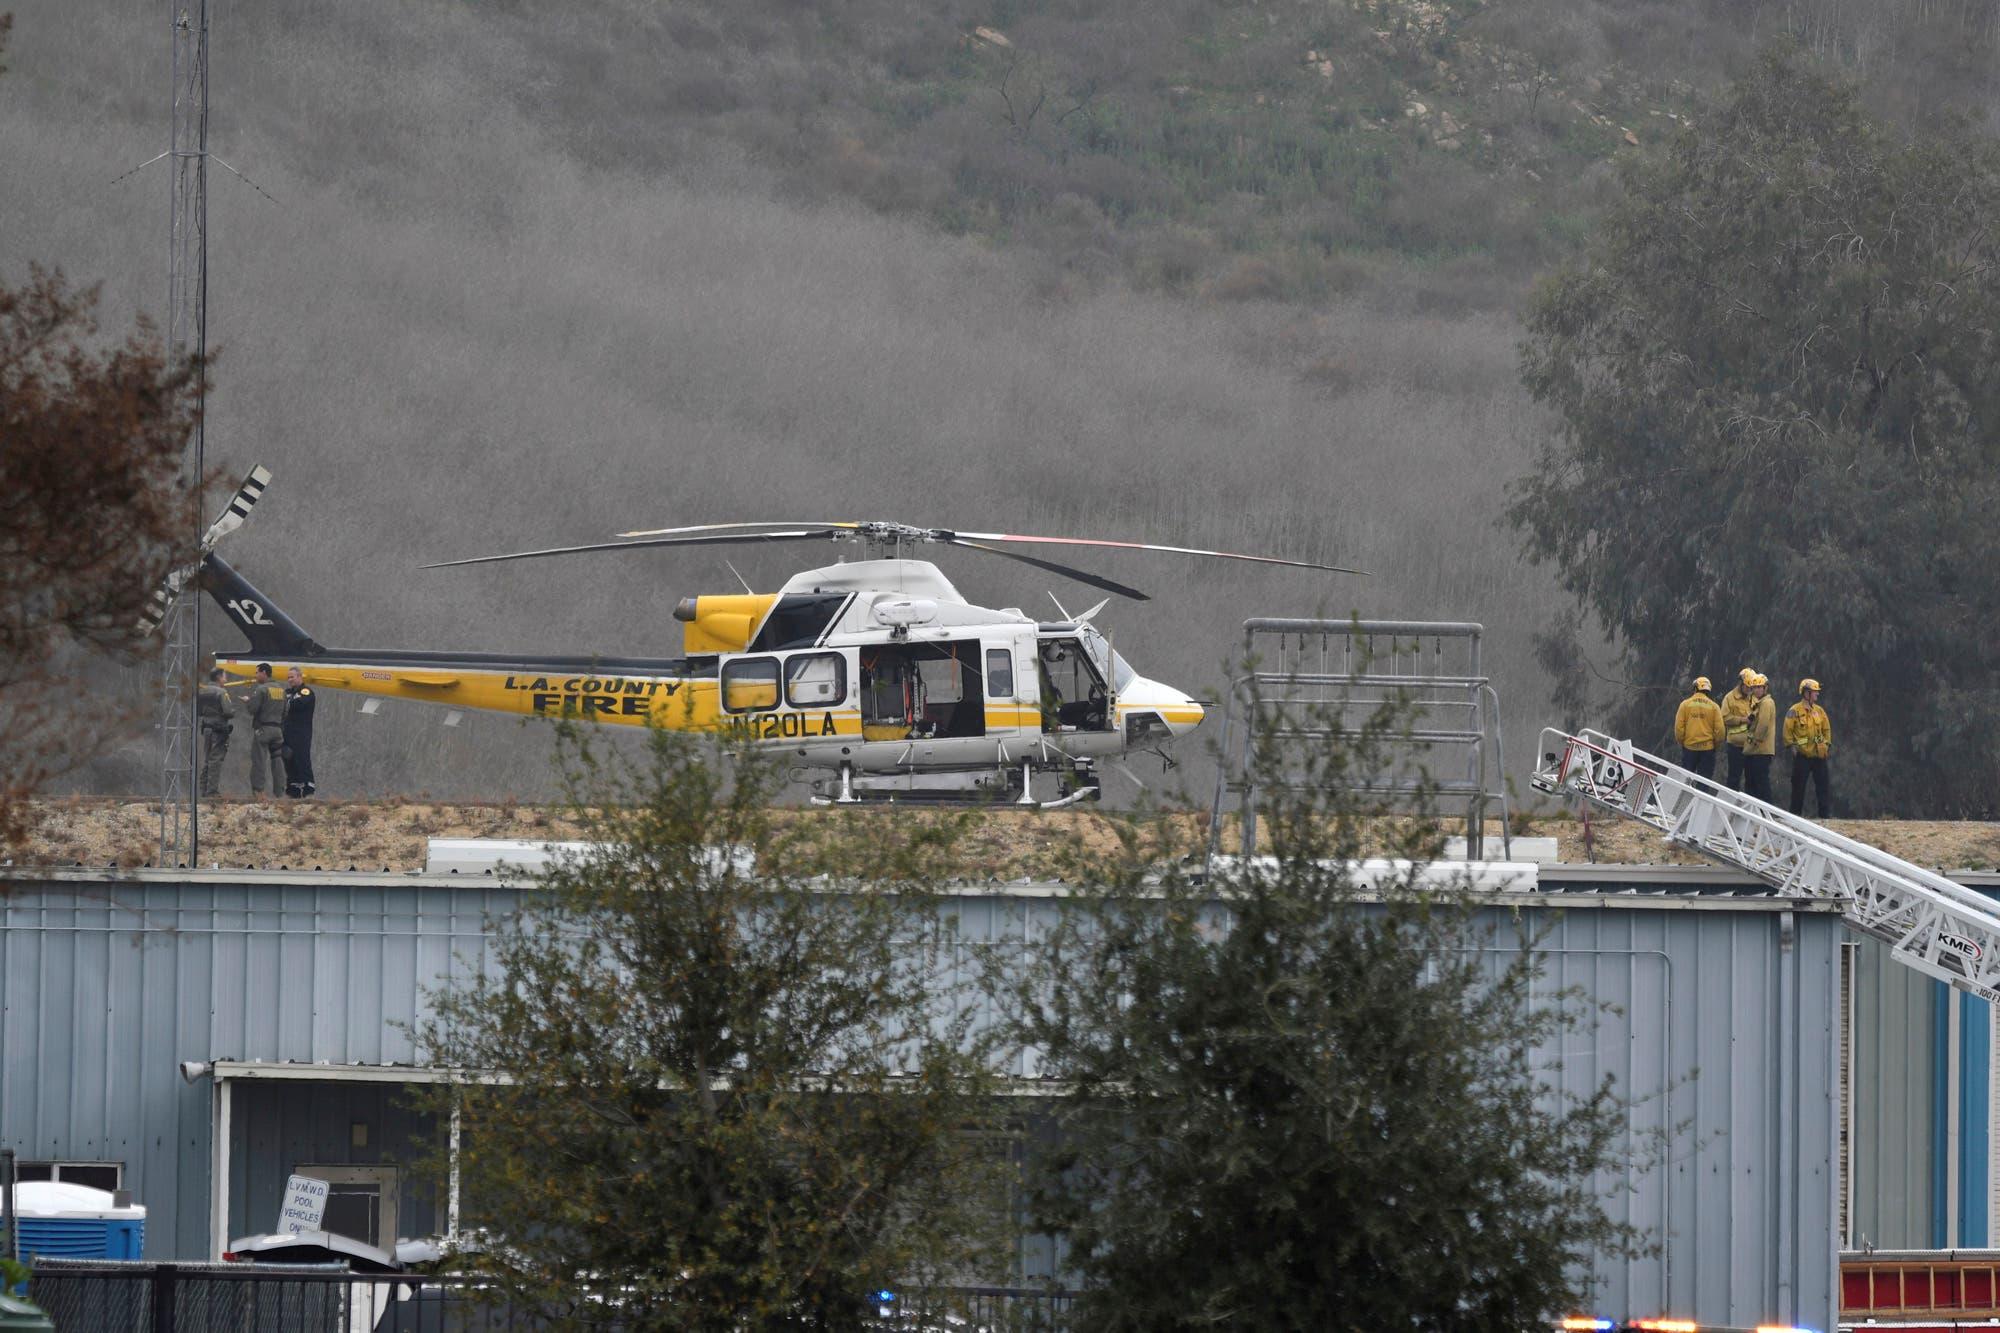 En fotos: el accidente aéreo en el que murió Kobe Bryant